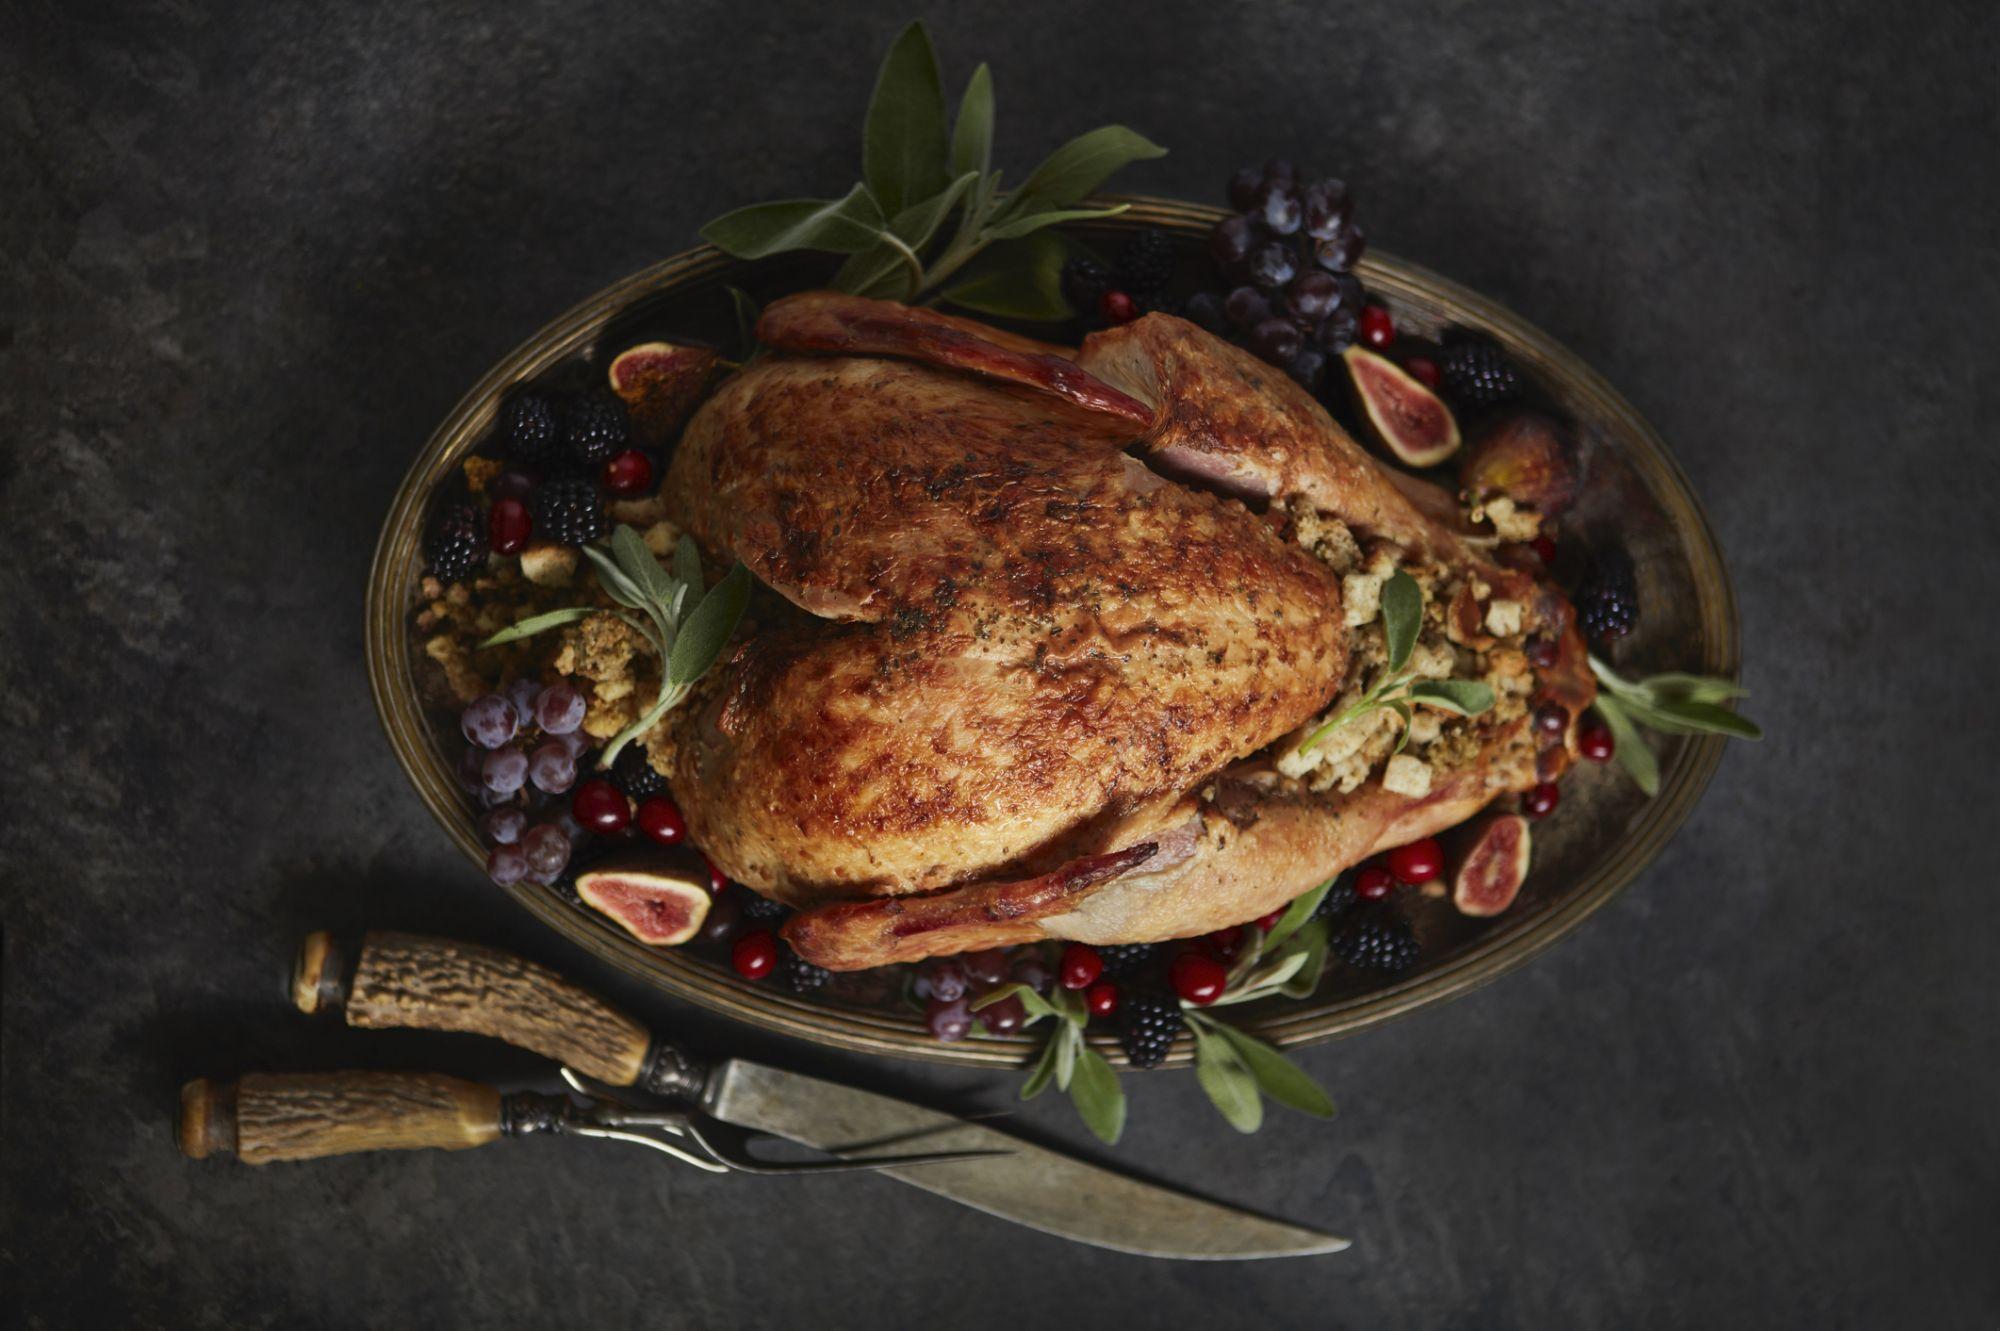 感恩節不是只有吃火雞:關於感恩節,你可能不知道的 4 件事